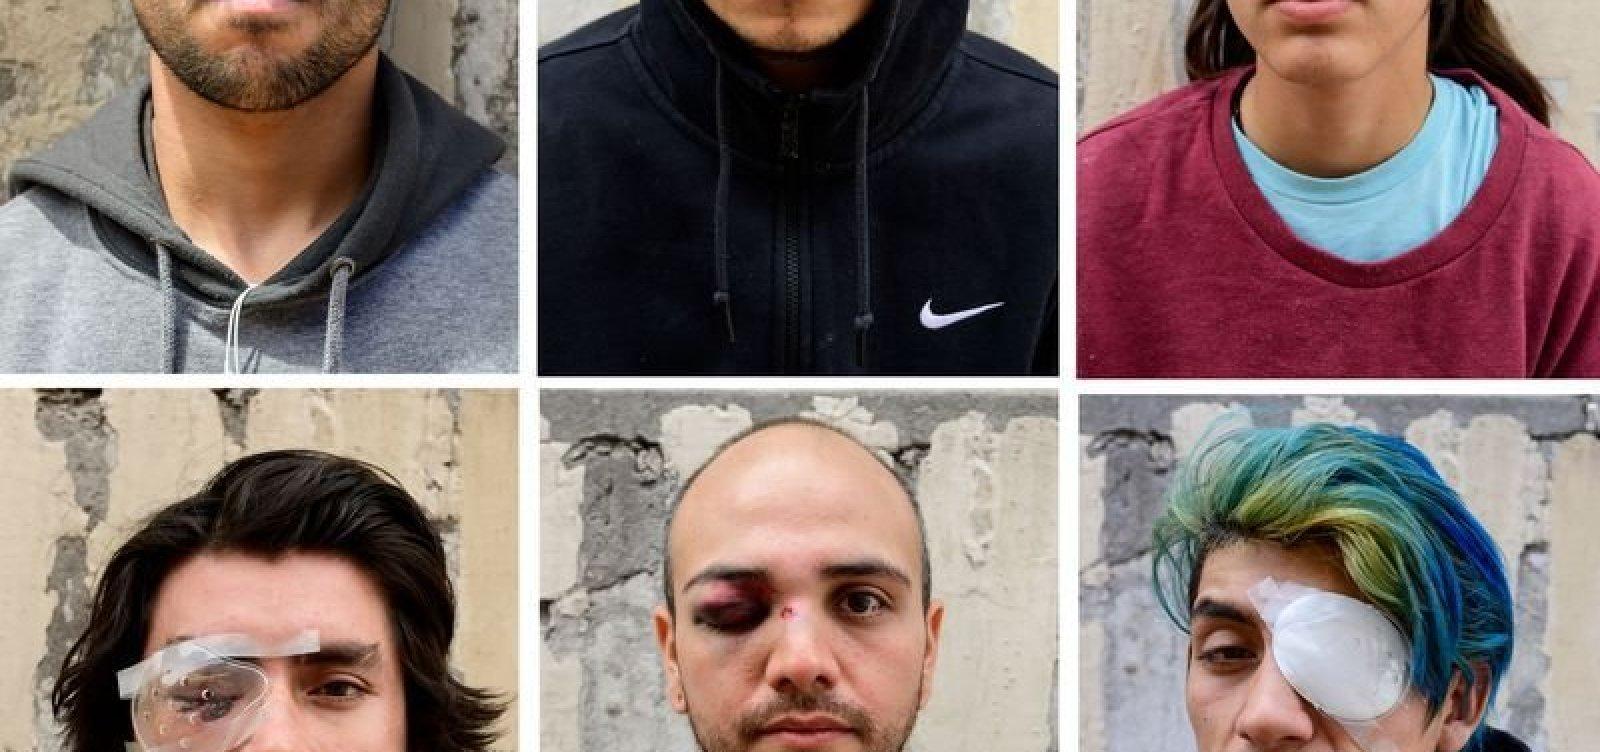 [Mais de 200 pessoas perderam visão em protestos no Chile]